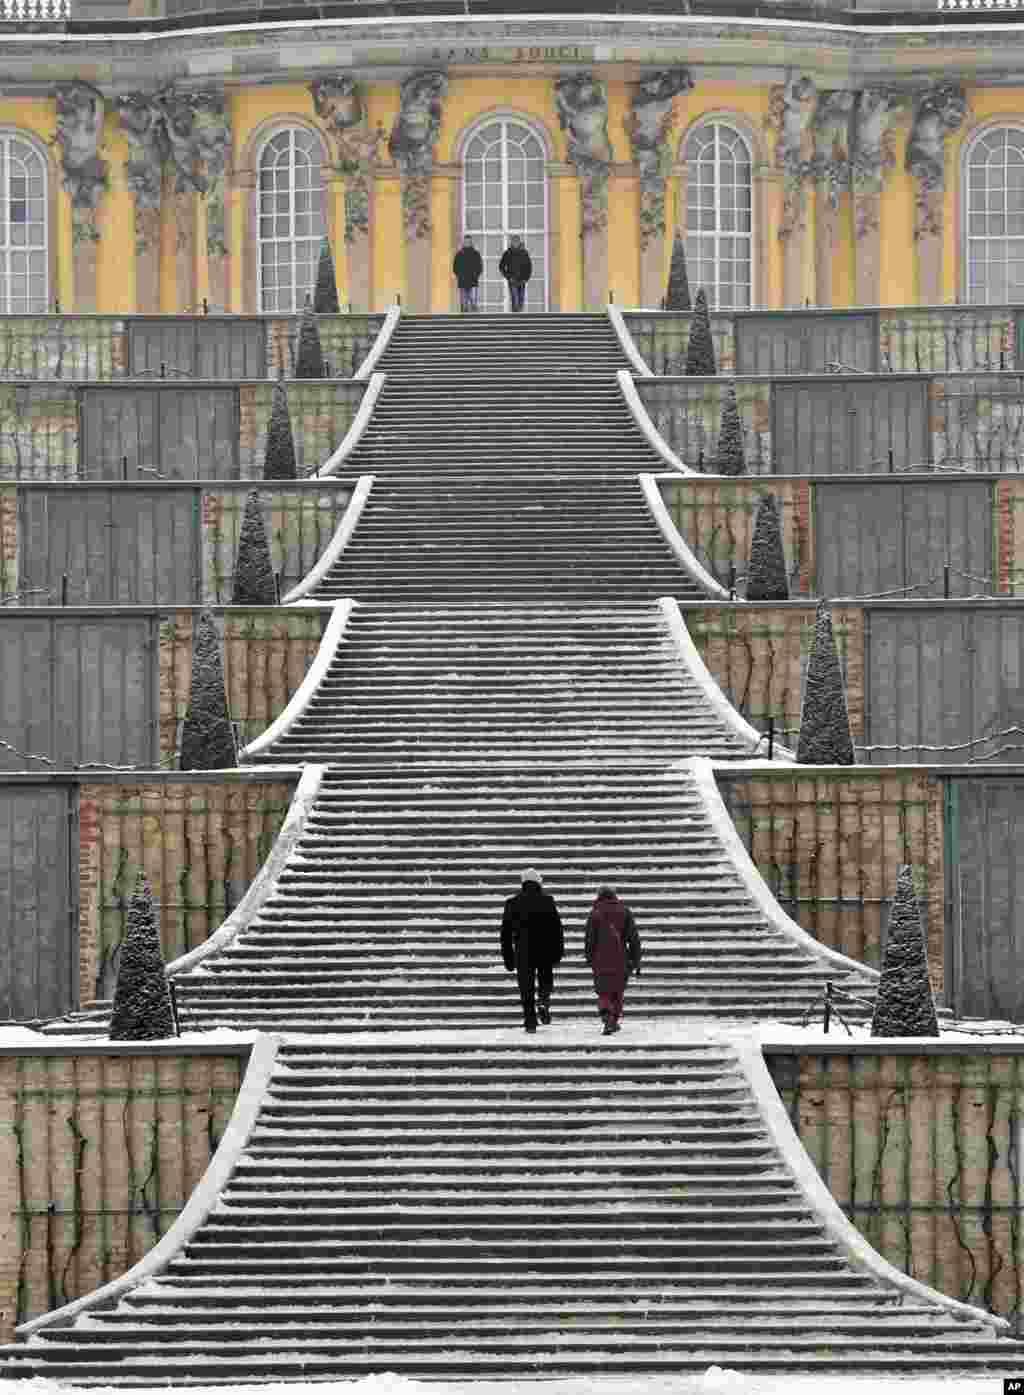 អ្នកទេសចរណ៍ដើរនៅលើជណ្តើរដែលមានព្រិលនៅព្រះរាជវាំង Sanssouci Palace ក្នុងក្រុង Potsdam ប្រទេសអាល្លឺម៉ង់។